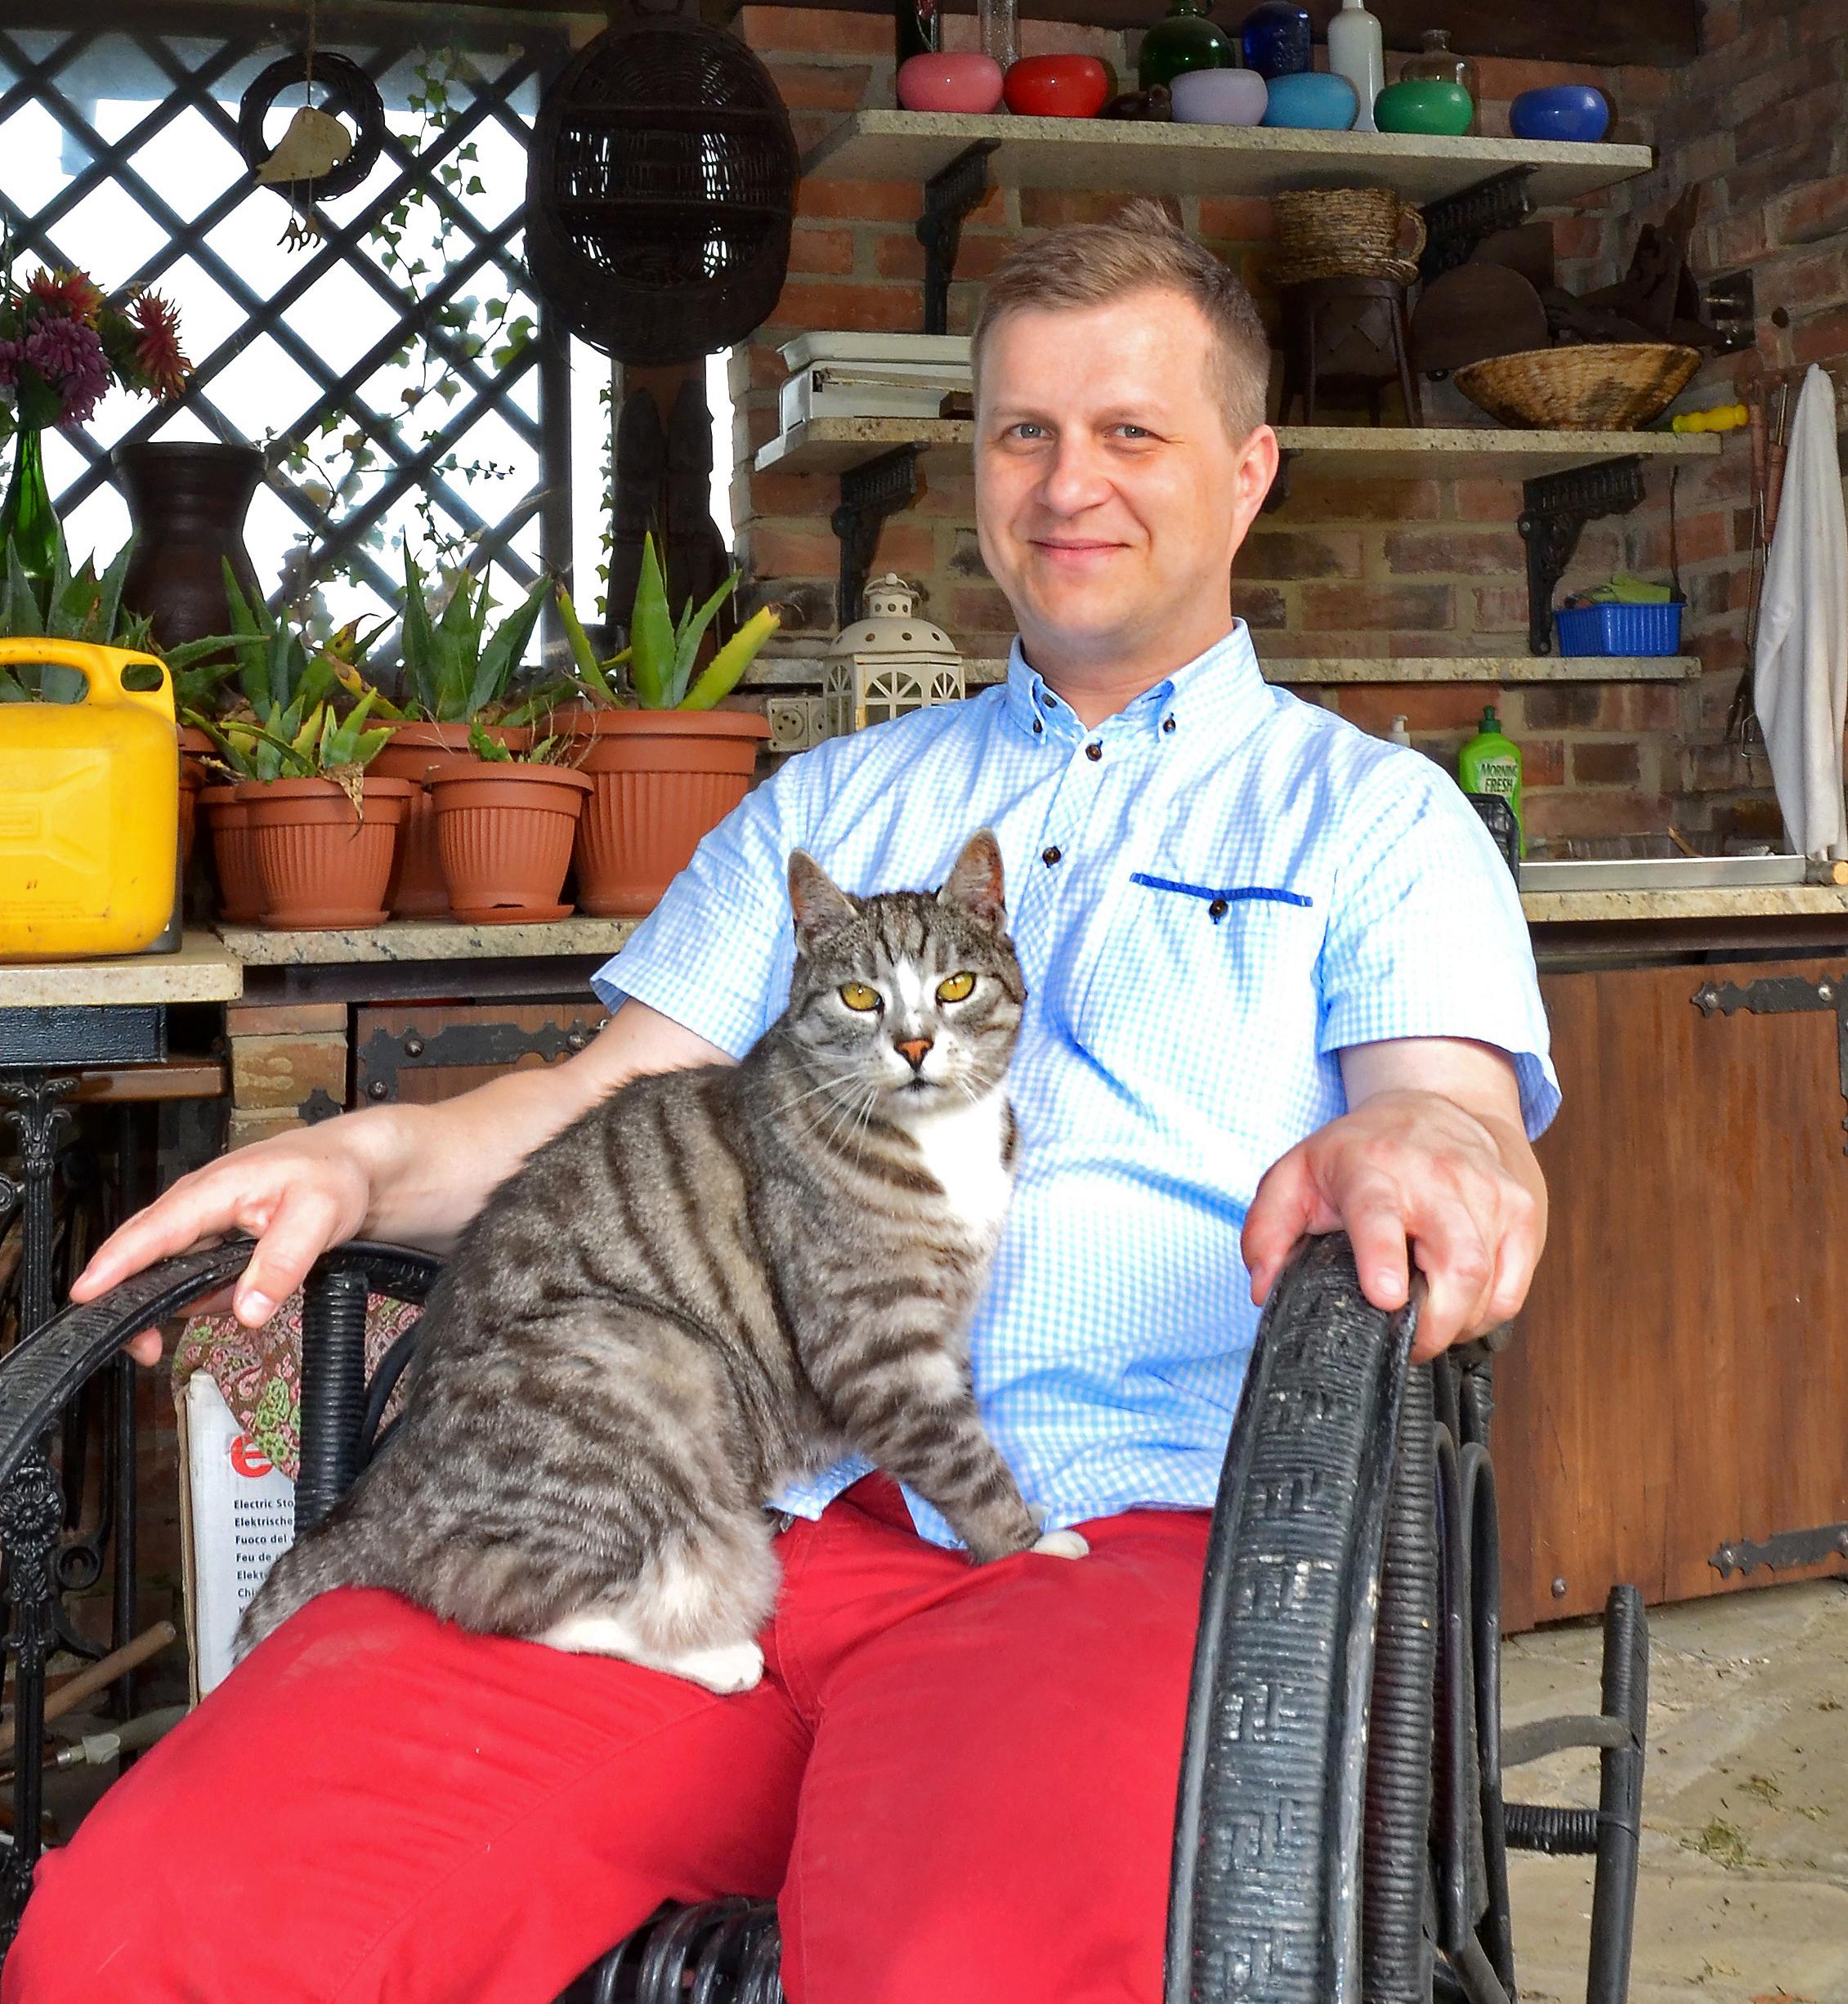 Sam wciąż spotyka się z Freddiem na Sam i Cat